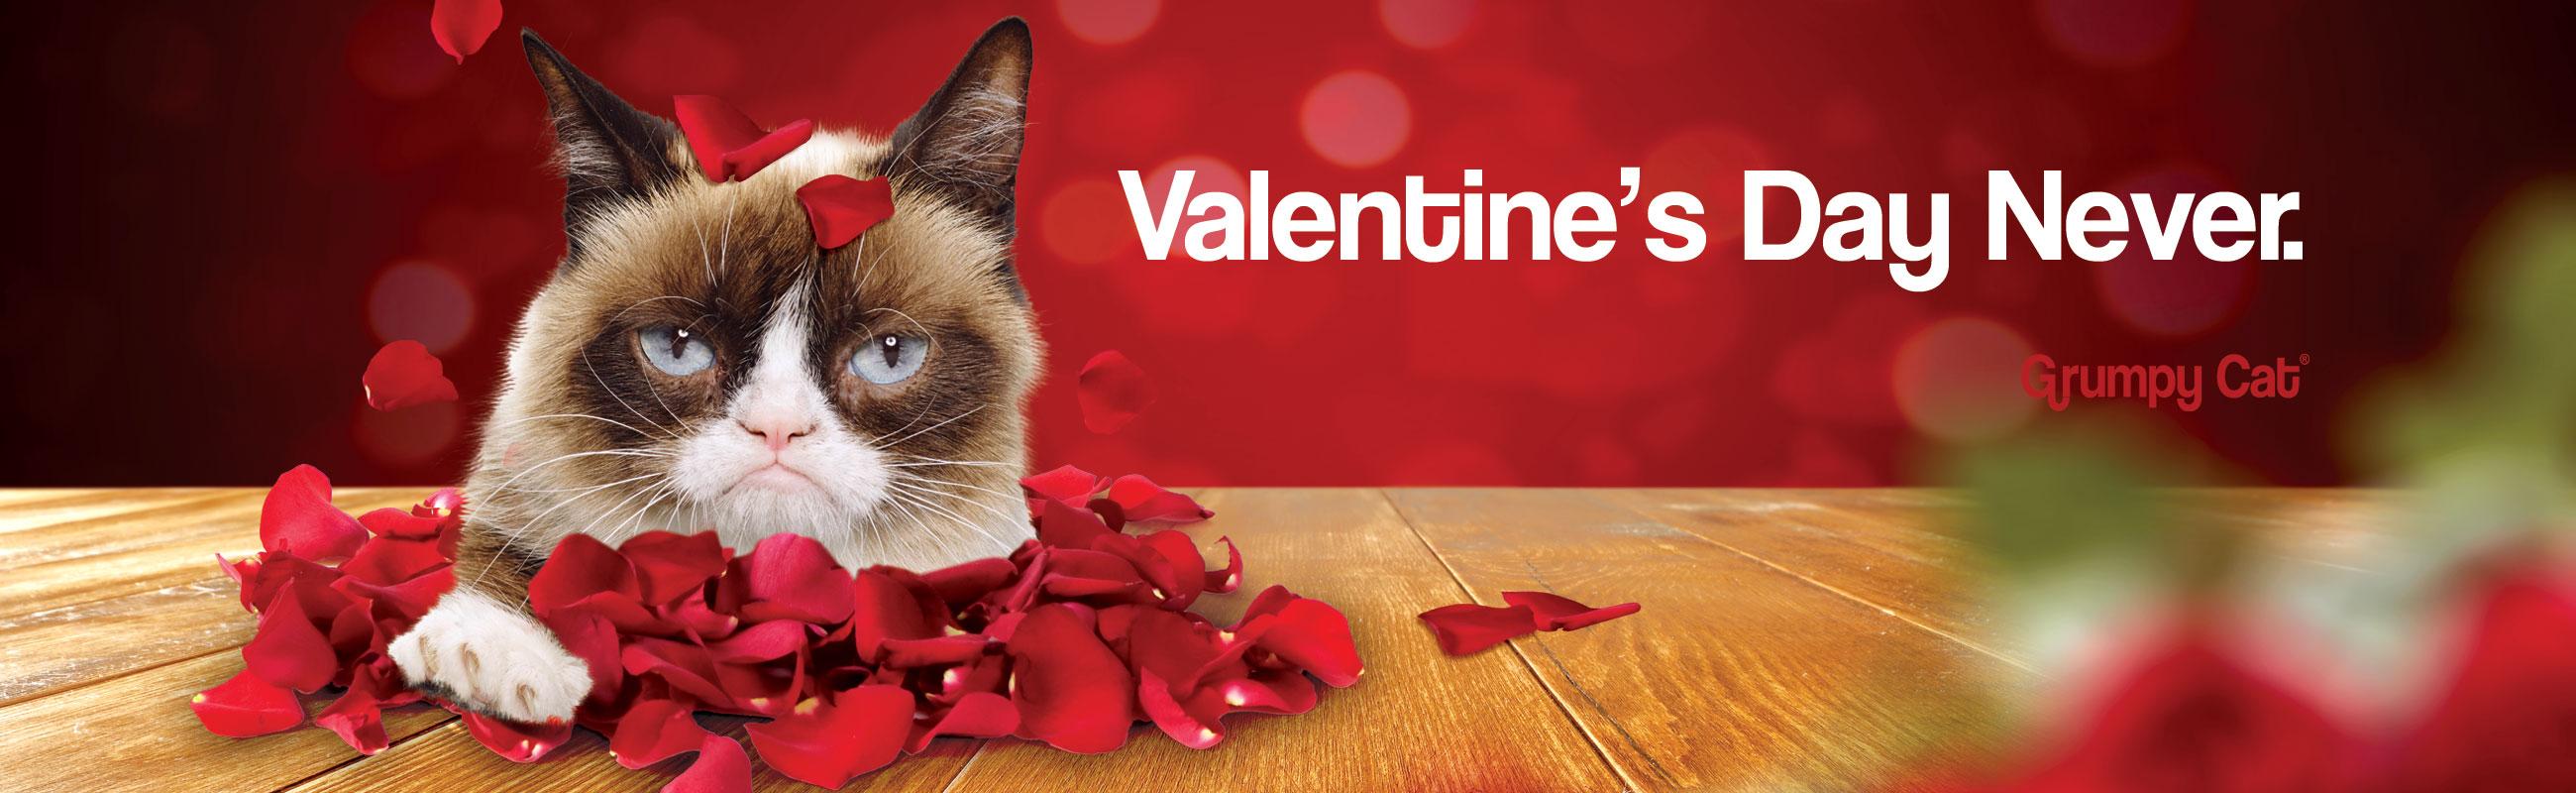 Grumpy Valentine